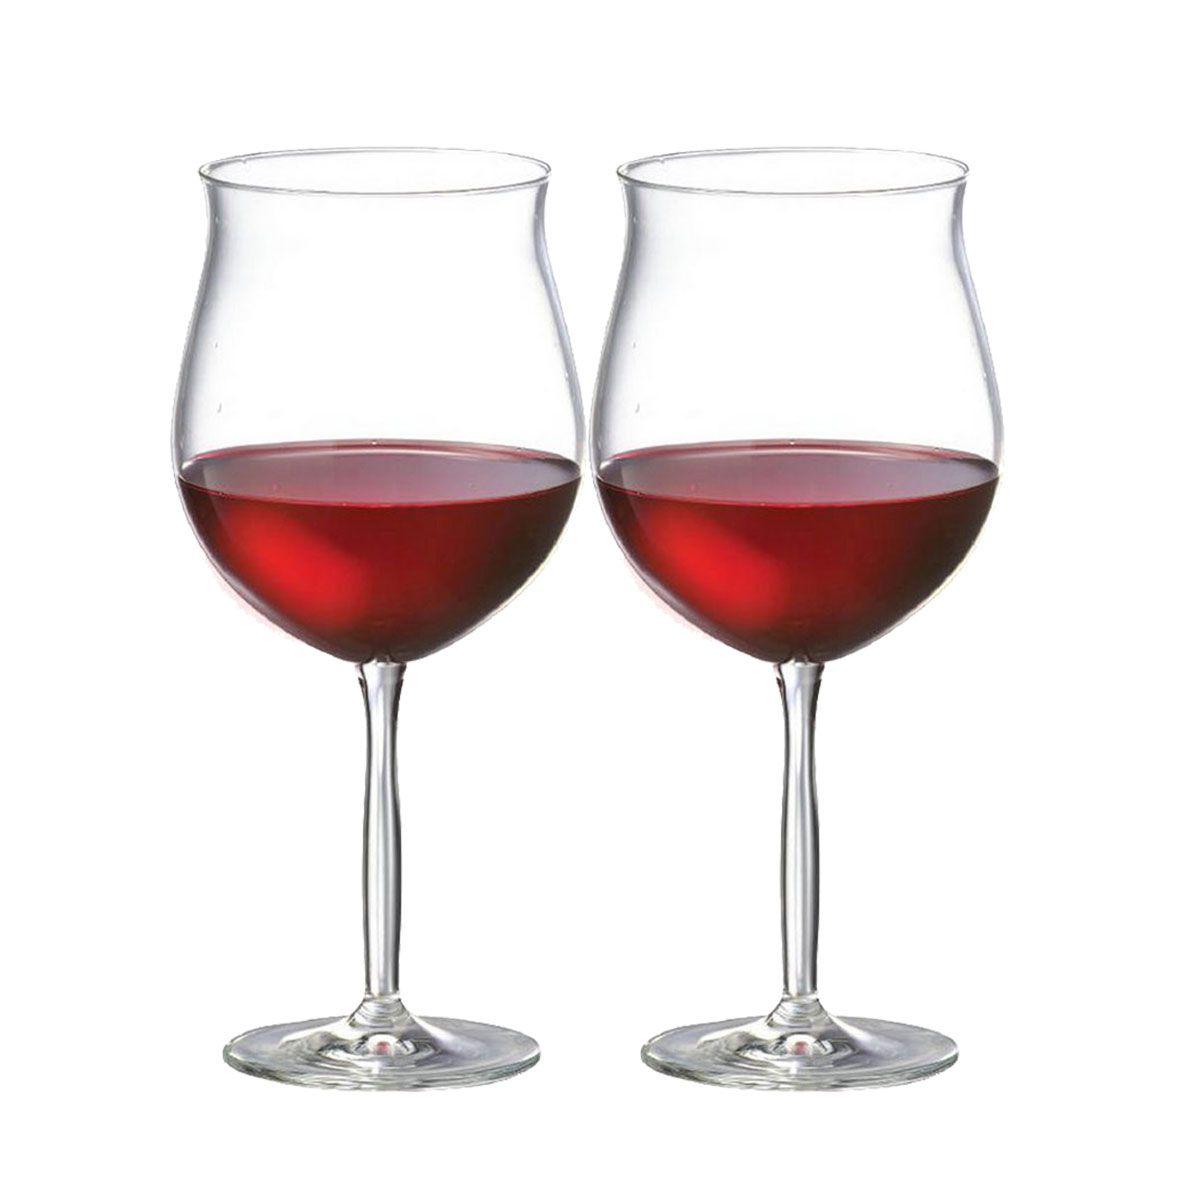 Taça Vinho Cristal - Tinto Bordeaux 550ml C/ 2 pcs